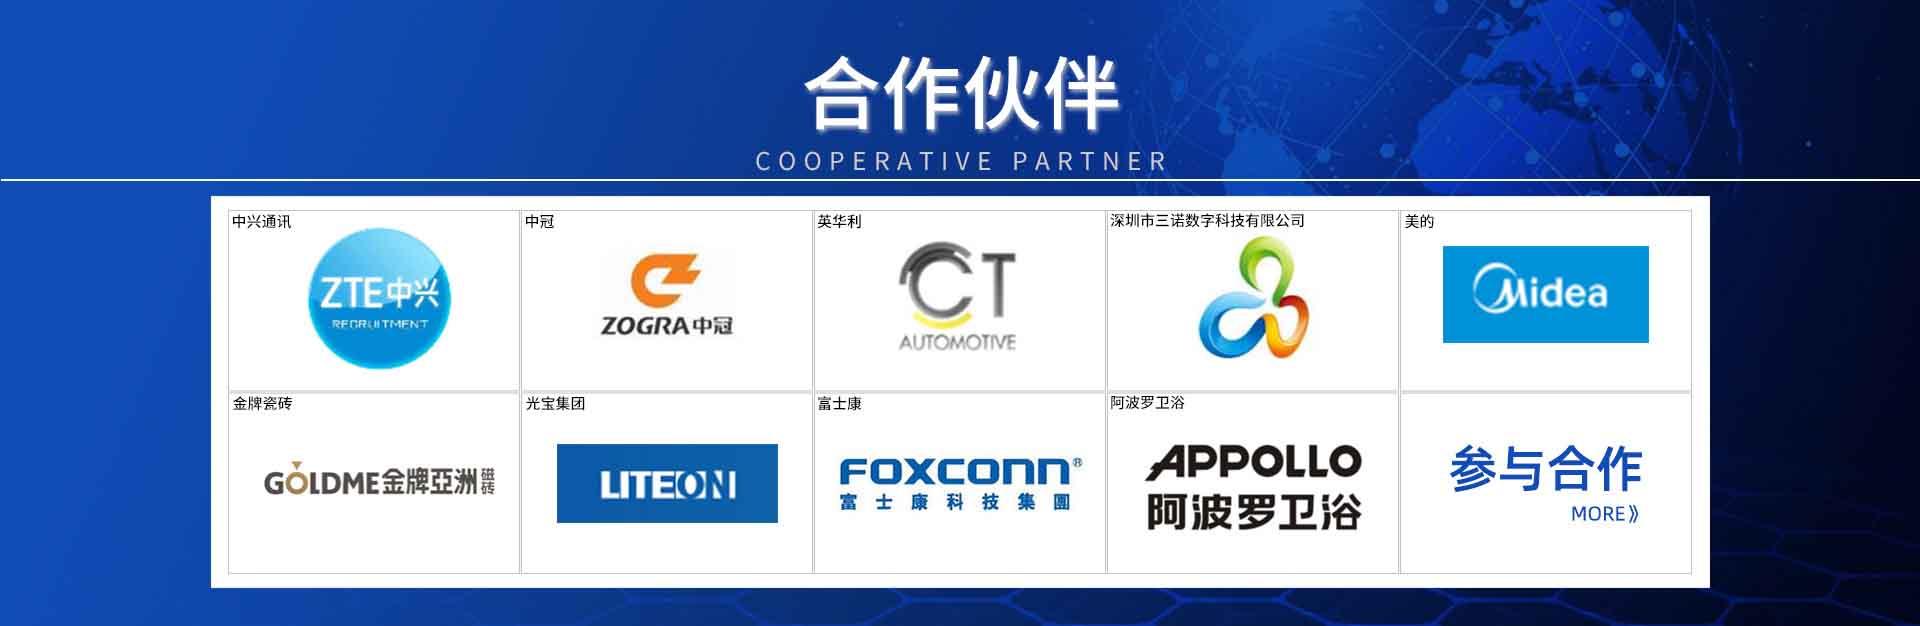 东莞市恒益祥涂装设备科技有限公司合作伙伴